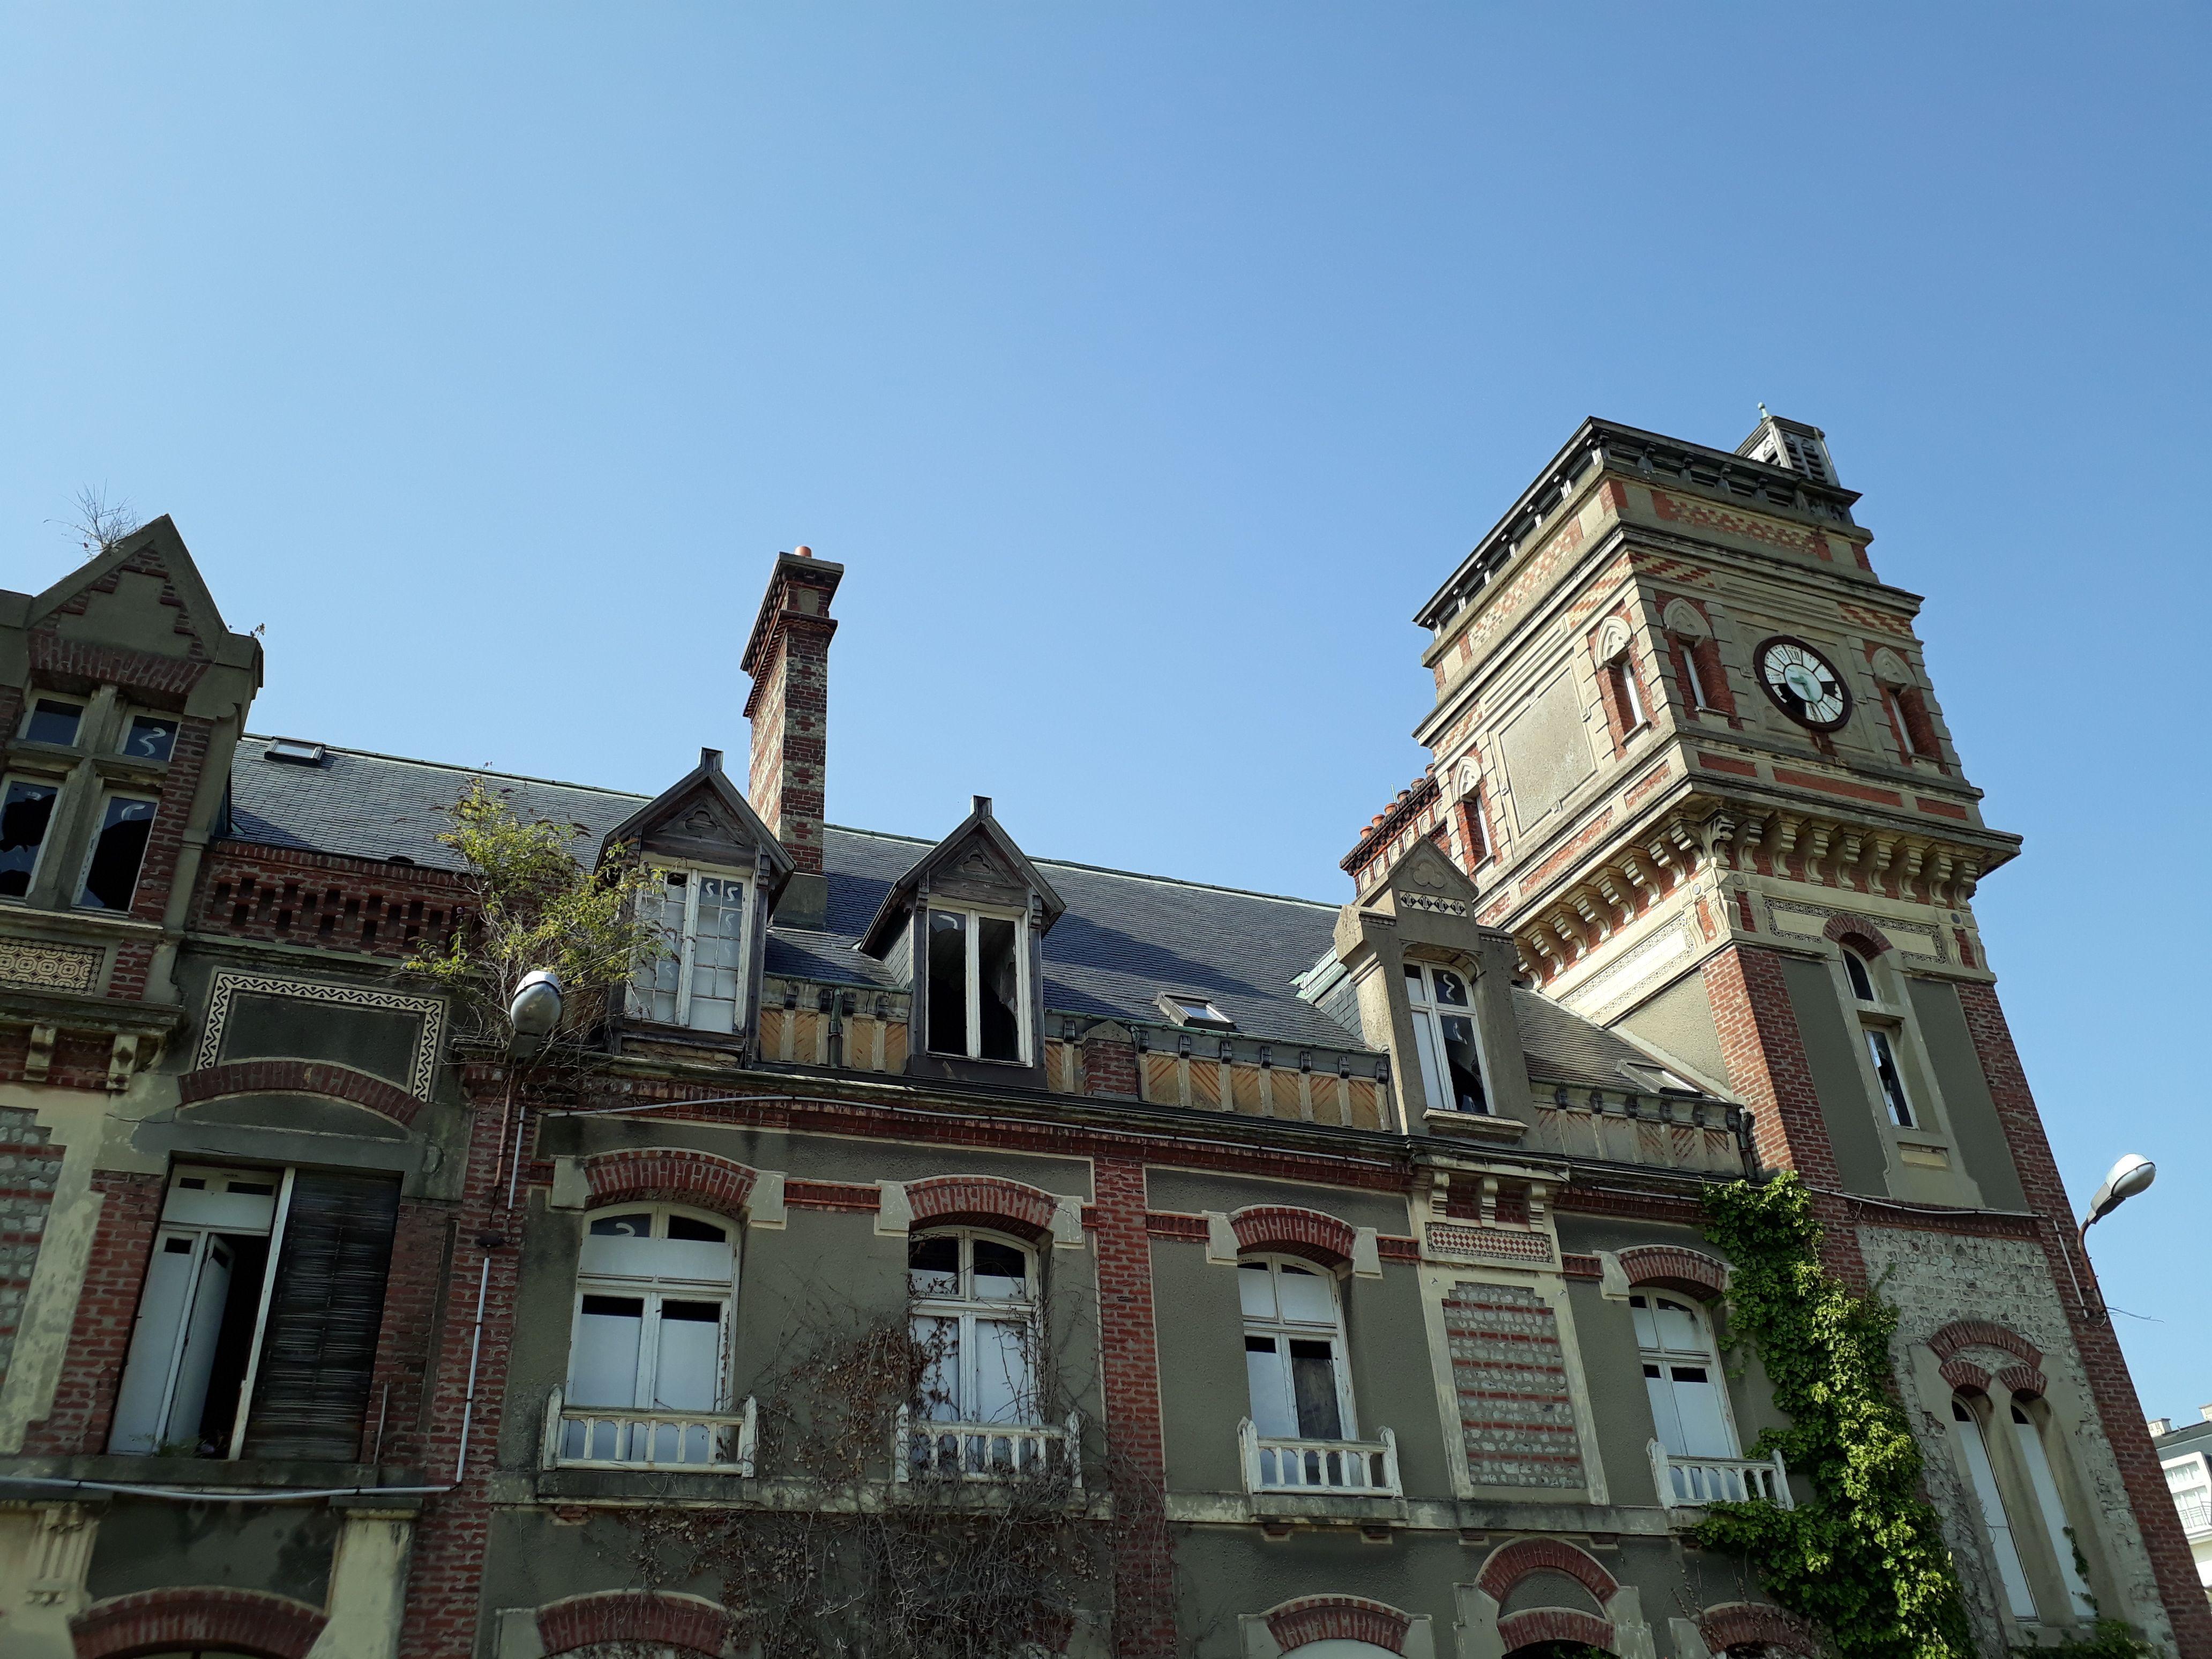 Beffroi de l'ancienne usine Tréfimétaux à Dives-sur-Mer - Calvados